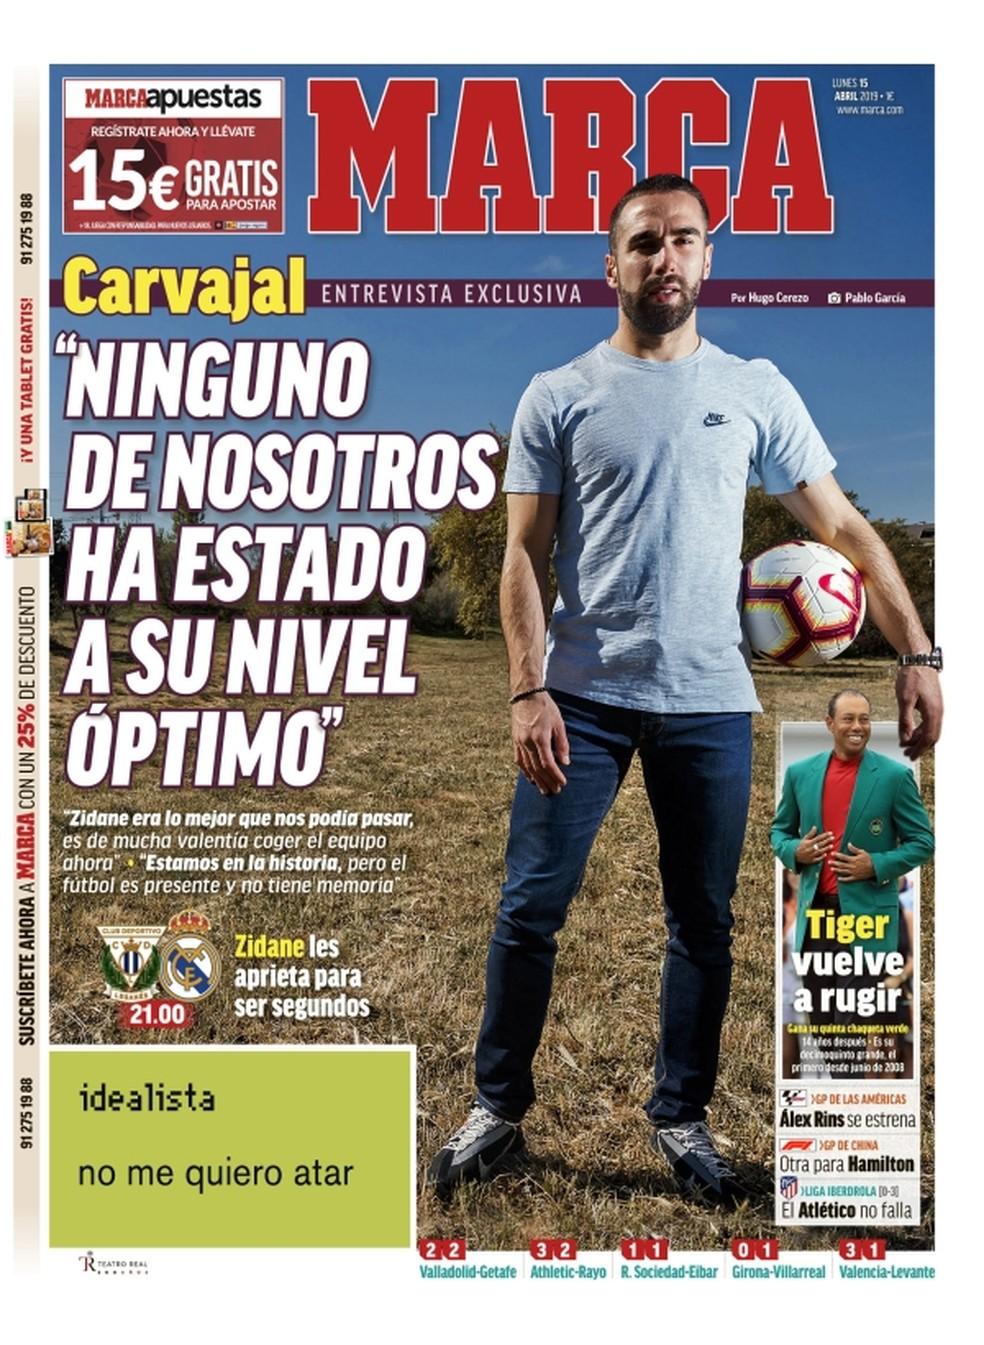 Capa do Marca desta segunda traz entrevista com Carvajal — Foto: Reprodução/Marca